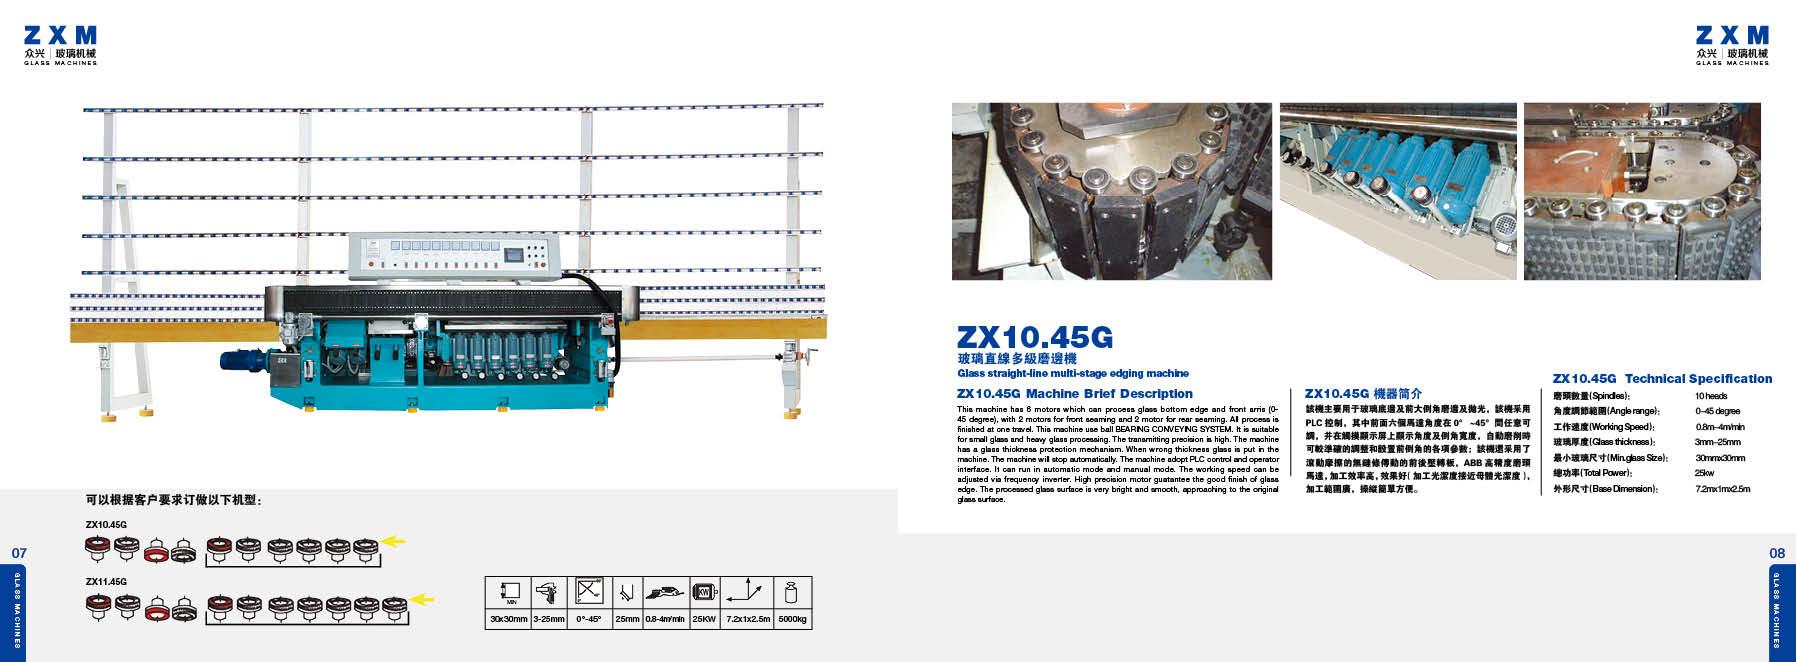 Maszyny szklarskie ZXM 07